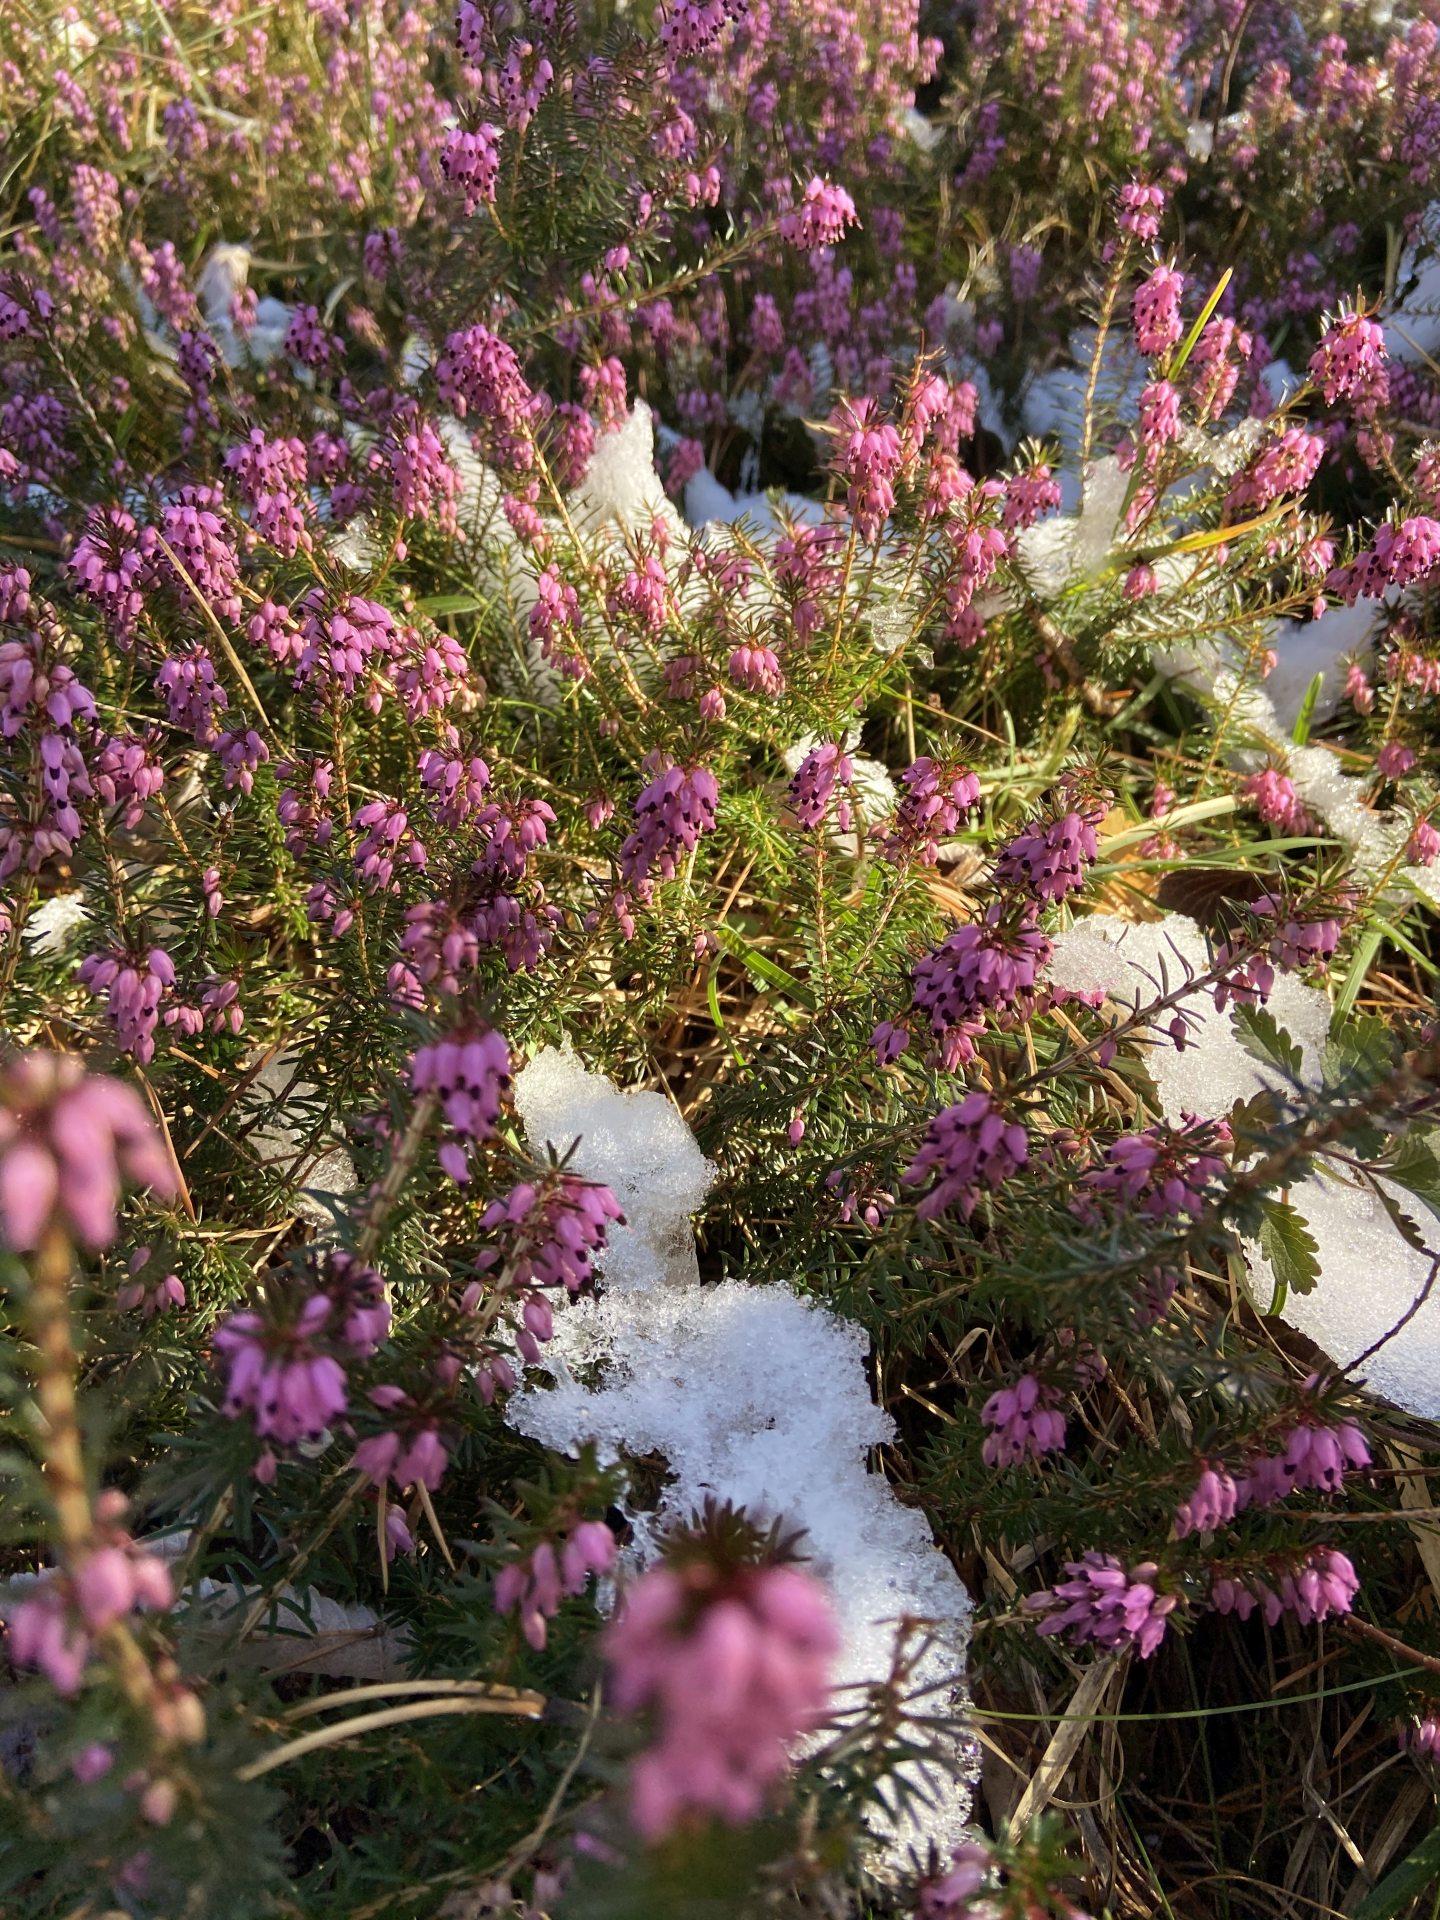 Erika, der Lenz ist da! - Erica, Natur, Pflanzen, Ramsau, Schnee, Unterberg - (Adamsthal, Kieneck, Niederösterreich, Österreich)